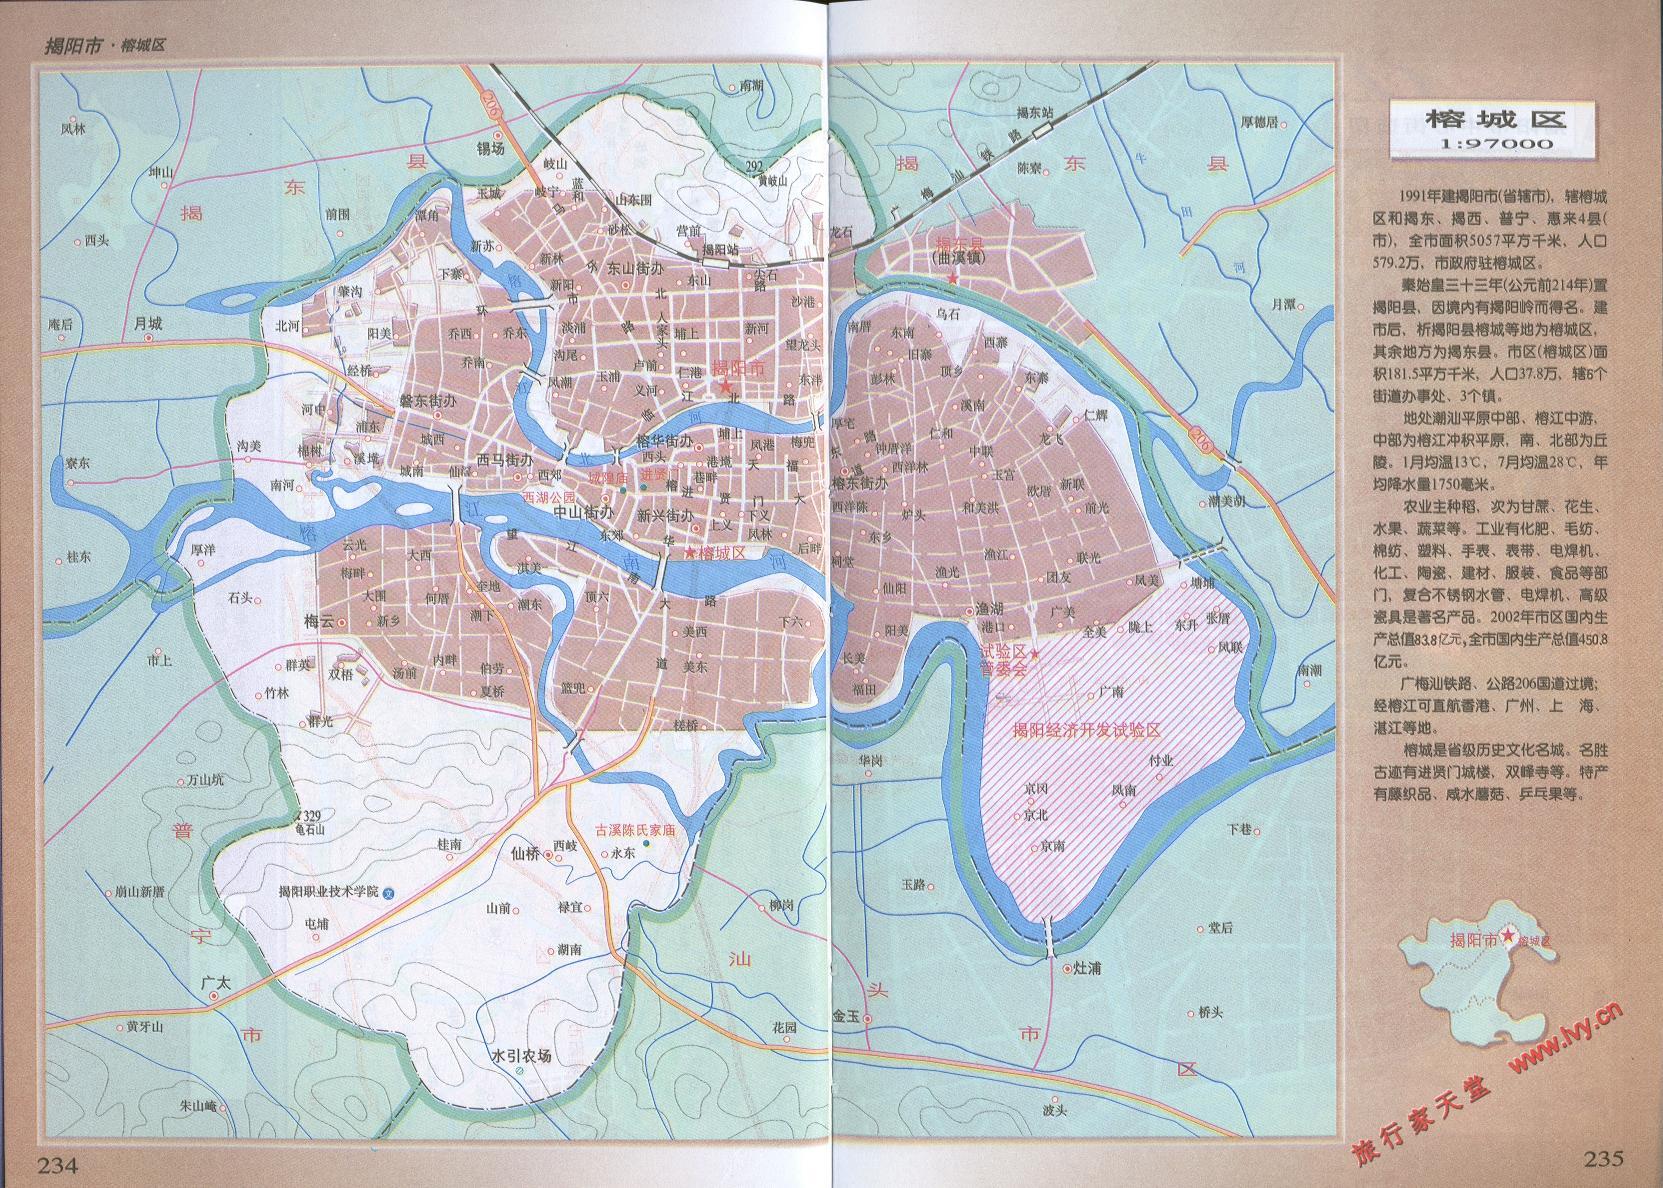 揭阳市榕城区地图